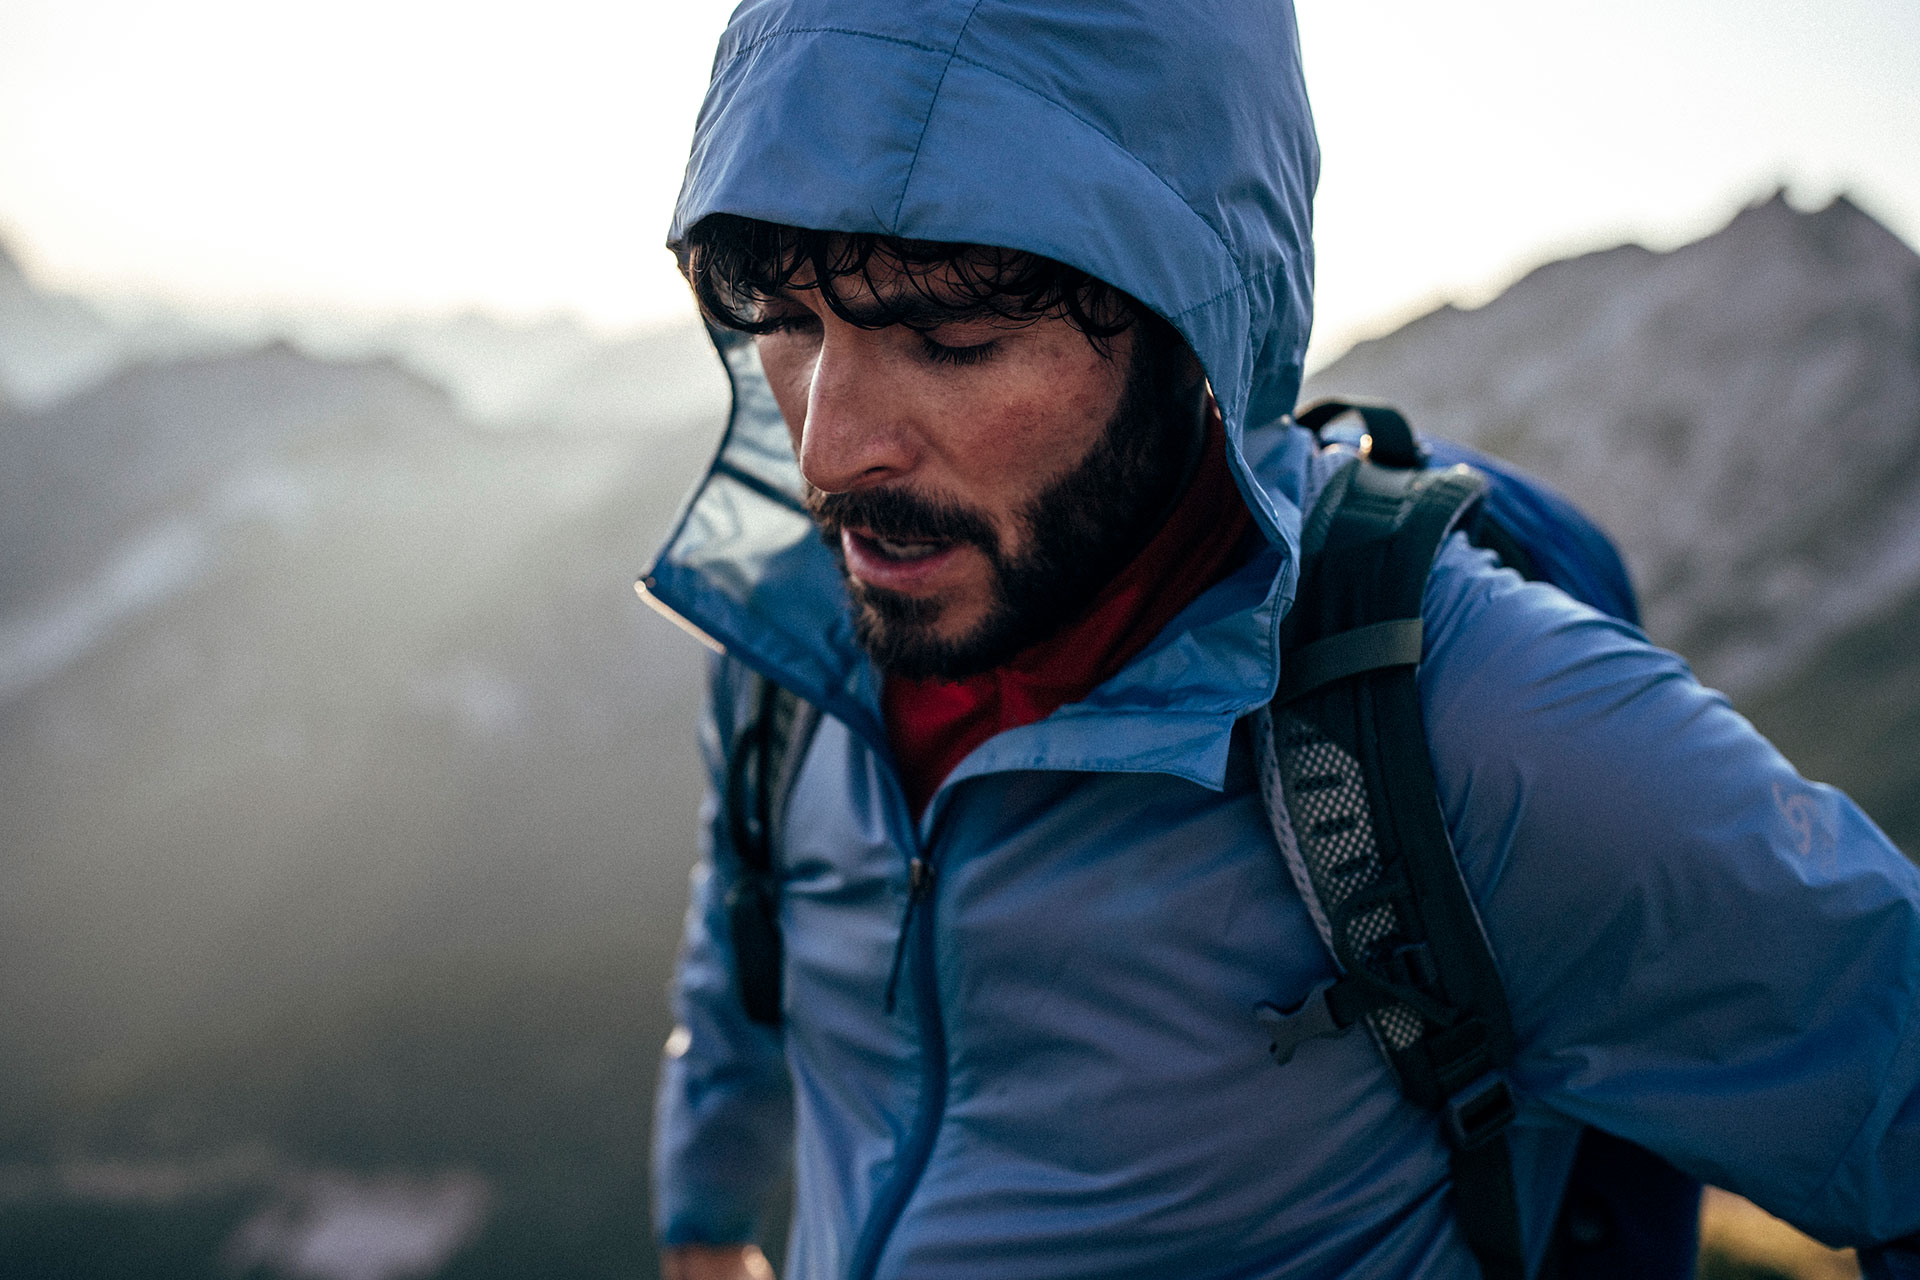 trekking fotograf outdoor wandern deutschland duesseldorf foto shooting